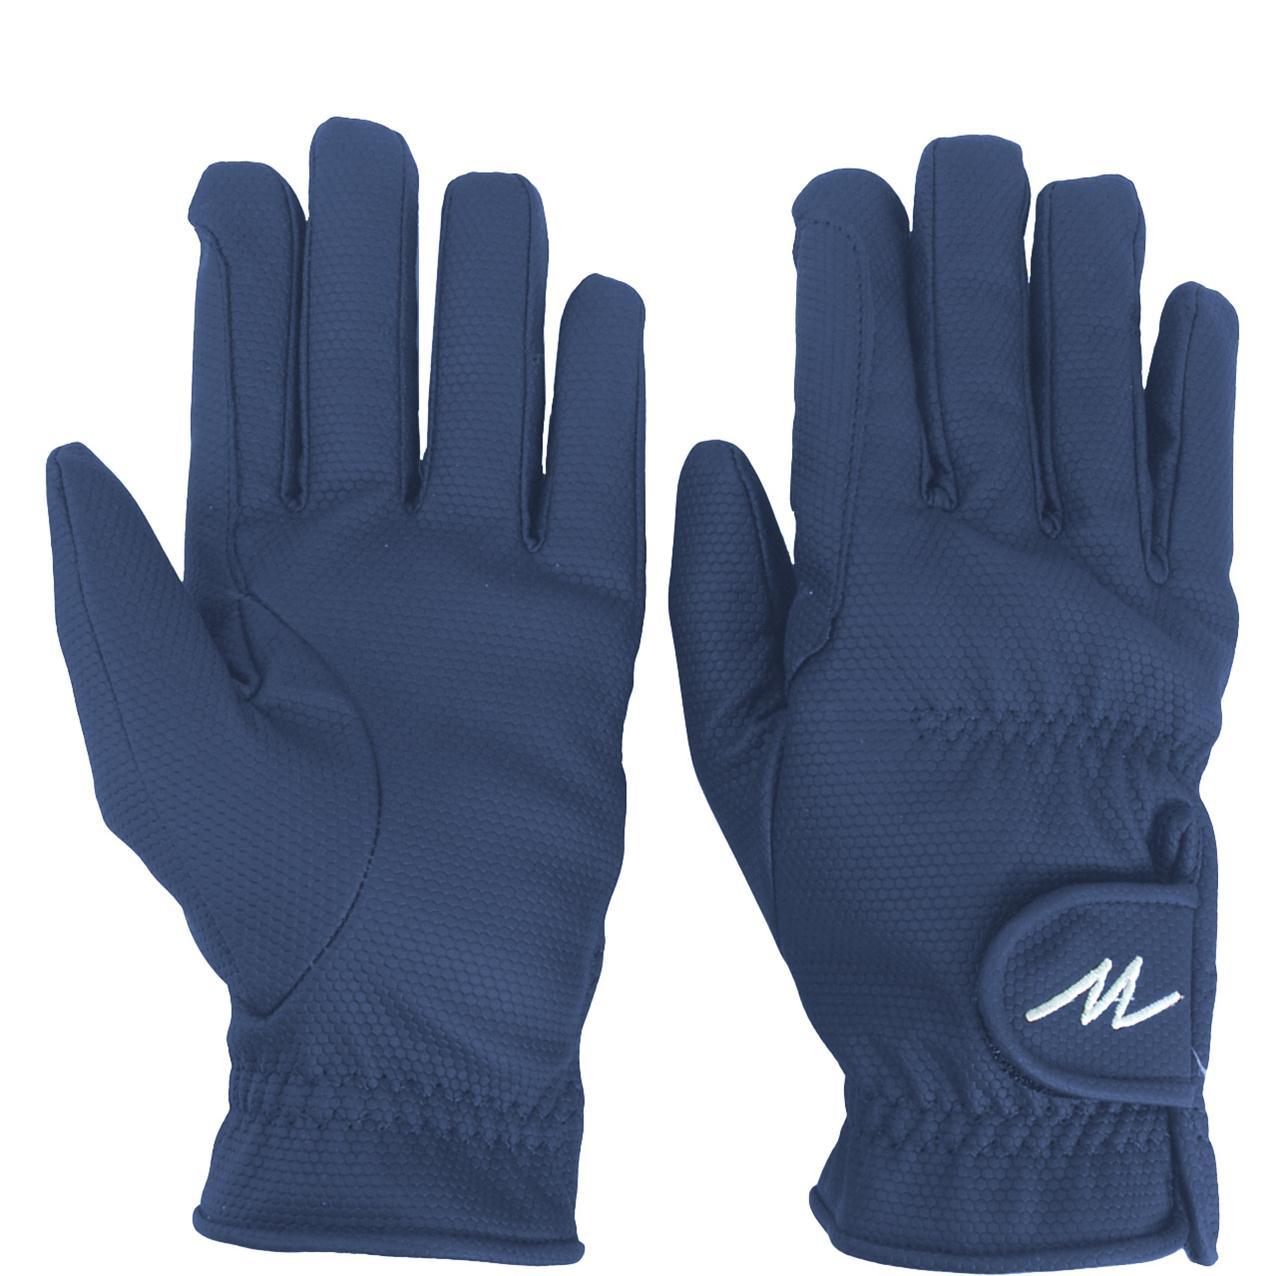 Mondoni Bolivia handschoen blauw maat:6